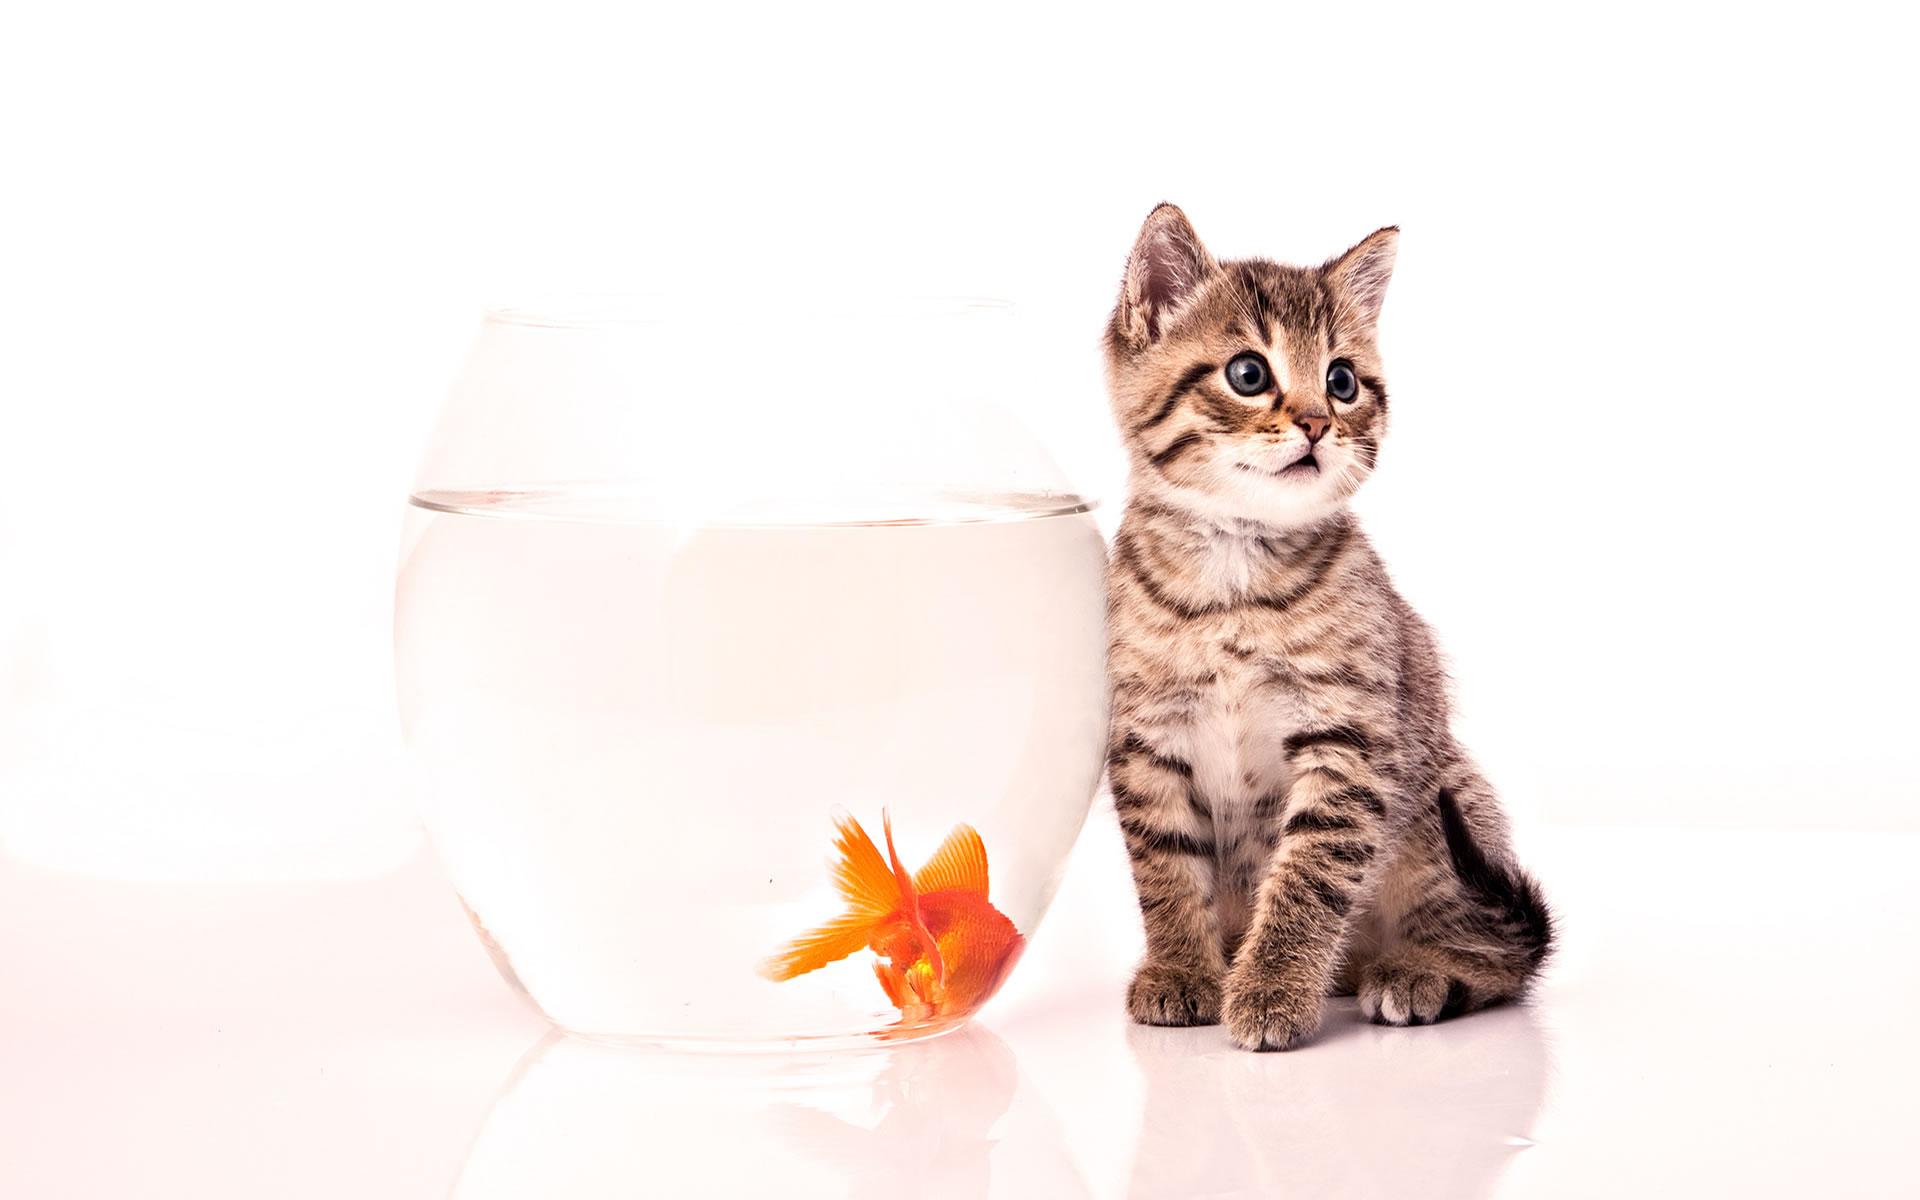 Gatito Feliz con Pez Naranja